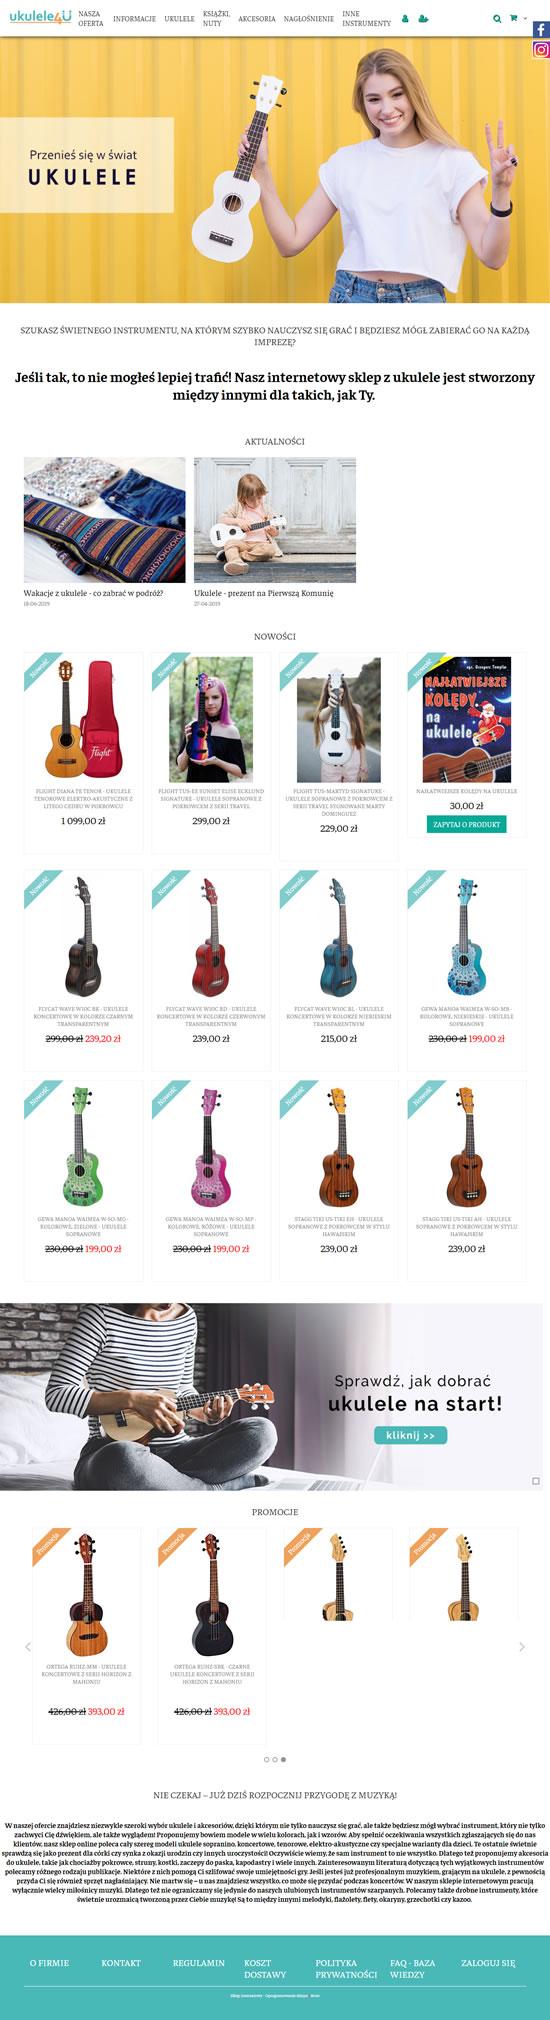 ukulele4u.pl Image